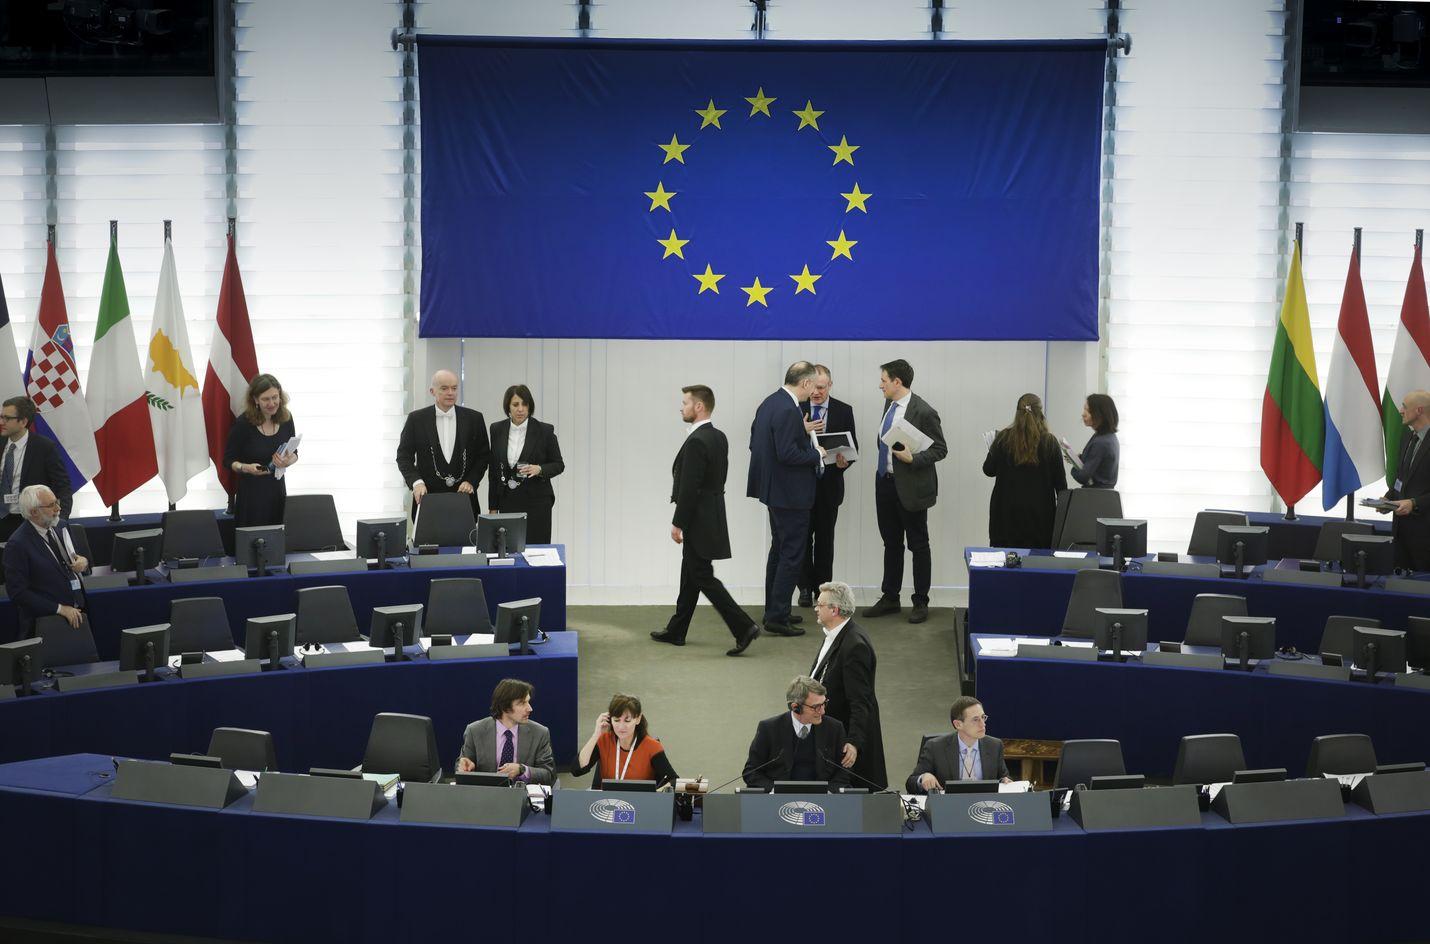 Euroopan parlamenttivaalit käydään toukokuun 26. päivä. Parlamentti kokoontuu Ranskassa Strasbourgissa.